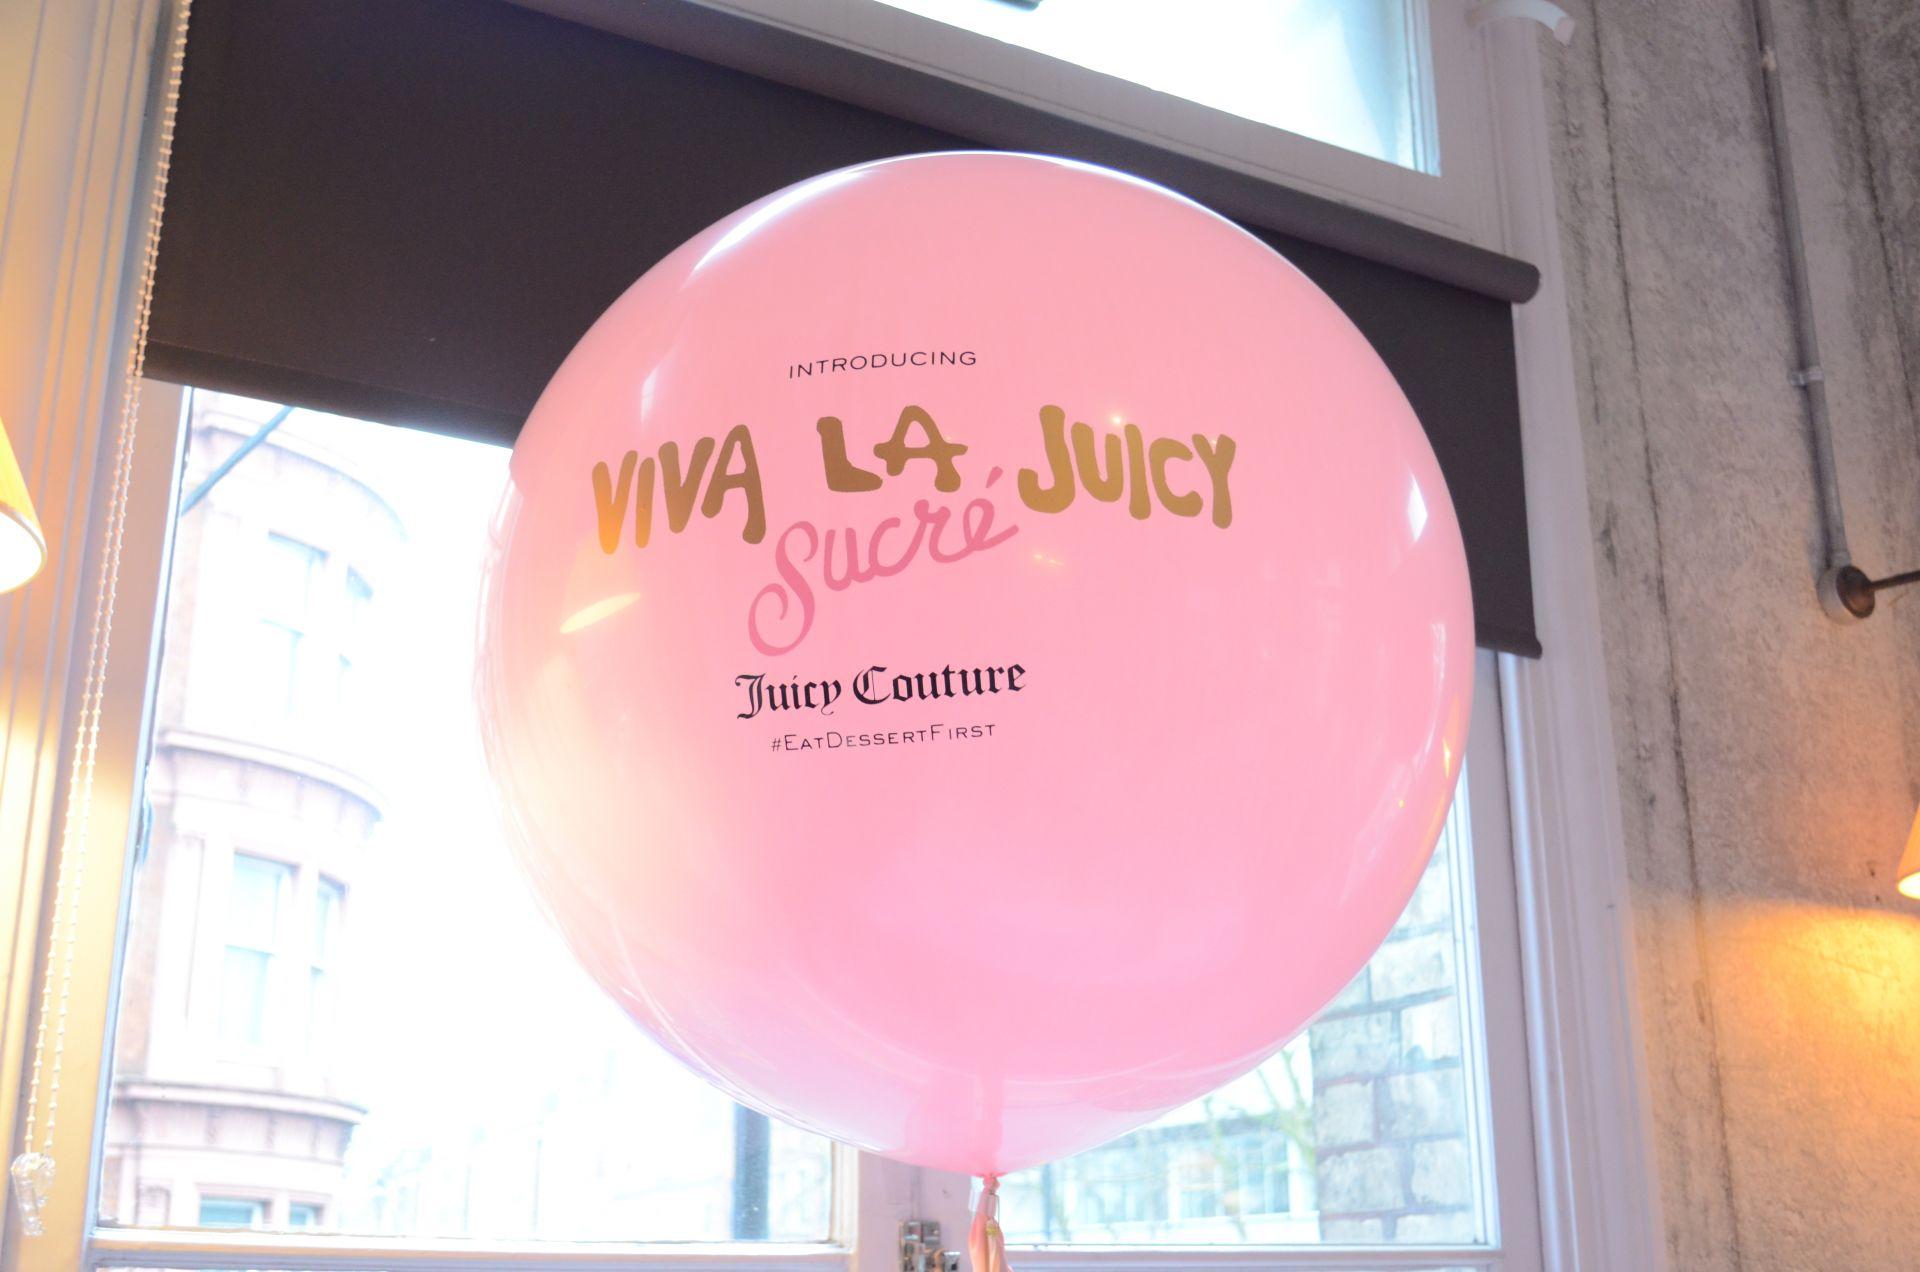 viva-la-juicy-sucre-juicy-couture-launch